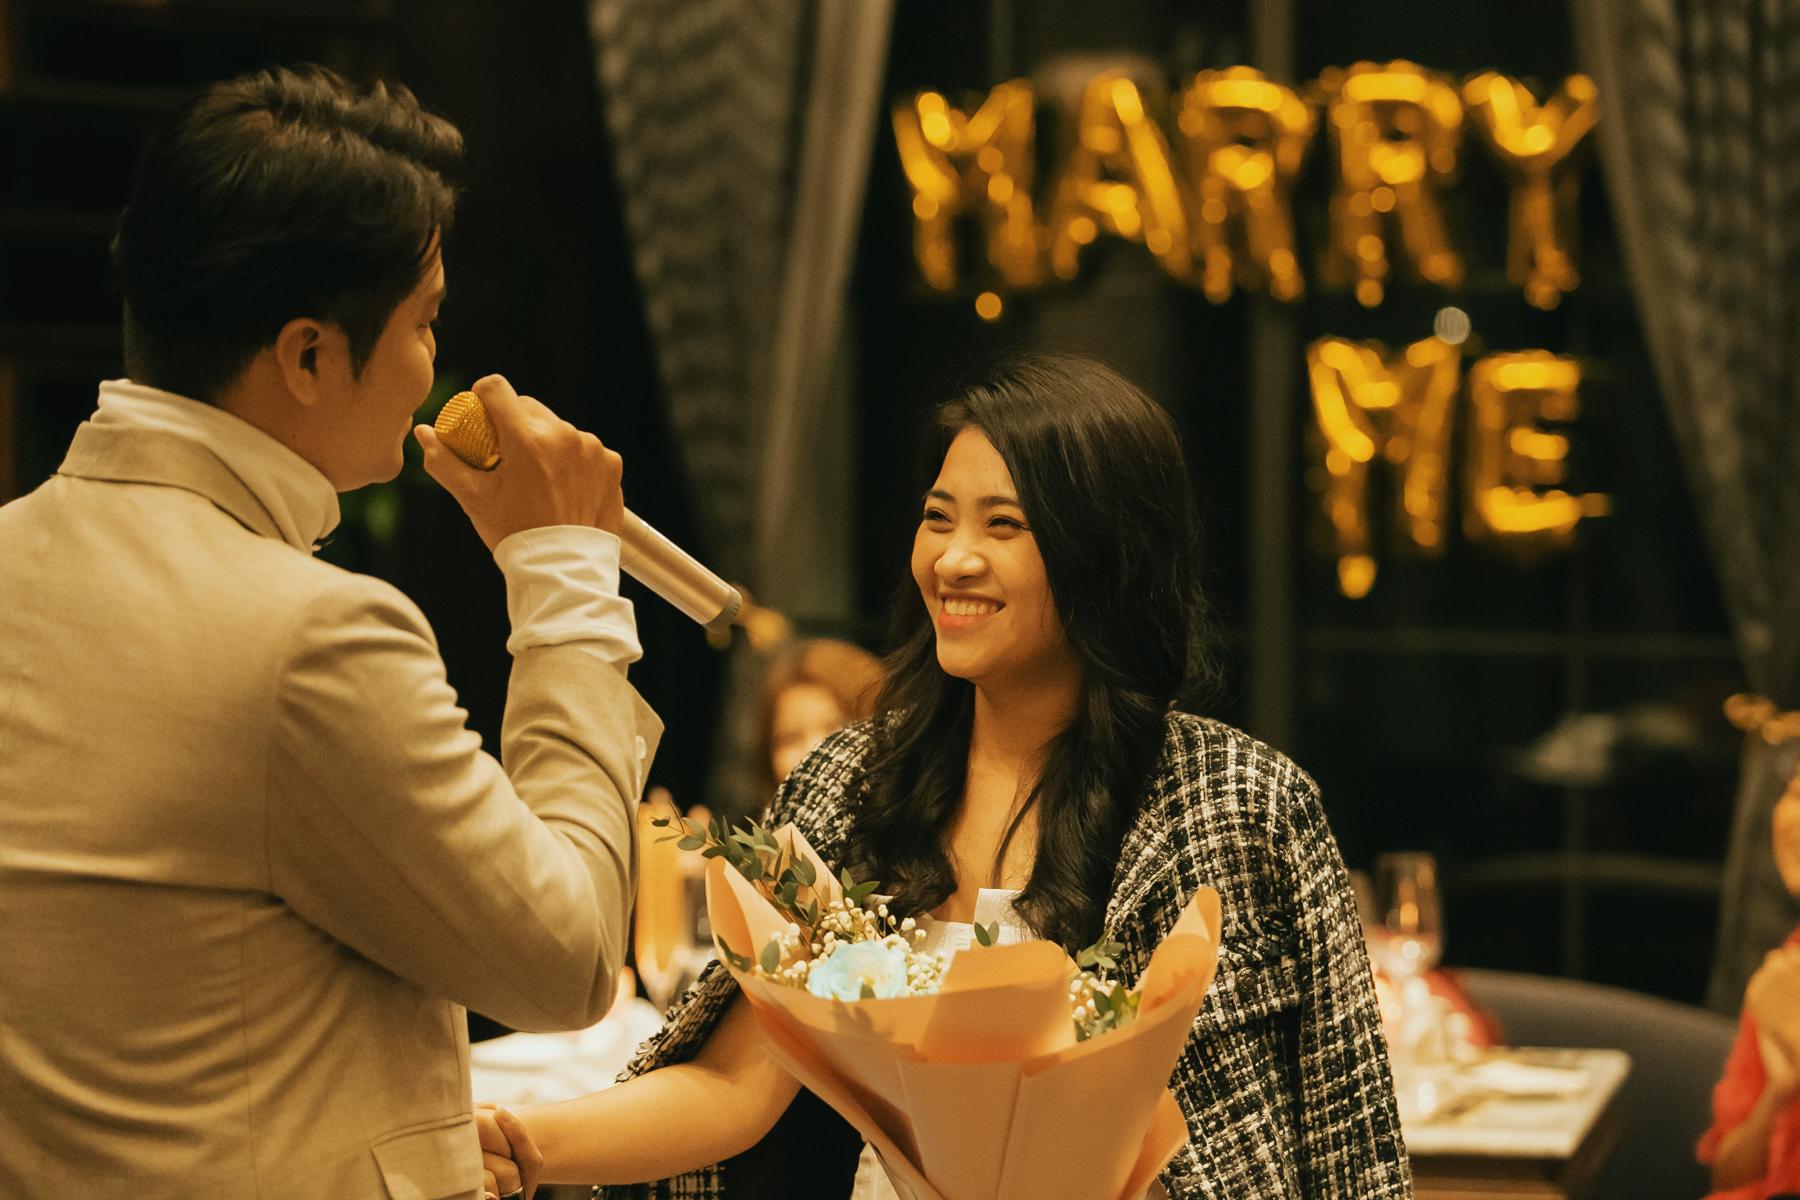 Tôi sẽ không bao giờ để Kim Hoàng cô đơn. Là người hiểu Hoàng nhất, tôi sẽ sống bên cạnh cô ấy đến cuối đời, anh nói thêm.